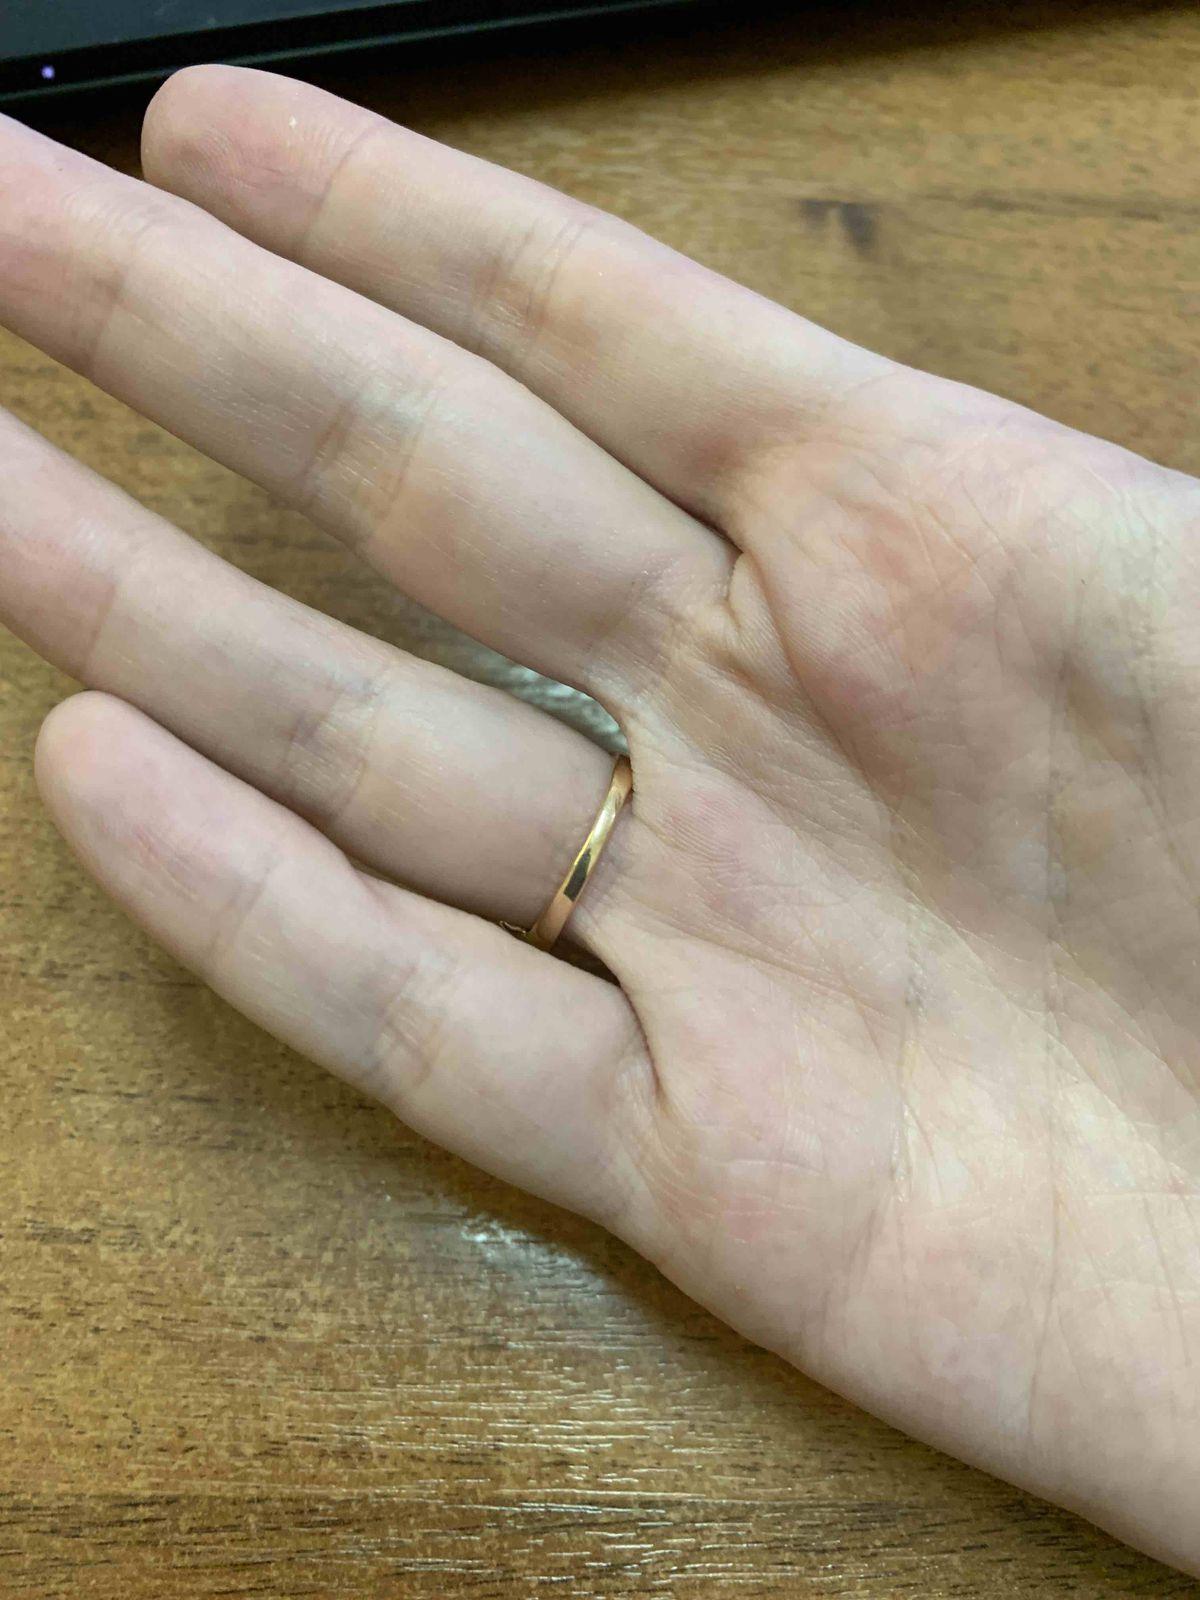 Хорошее кольцо за такую цену